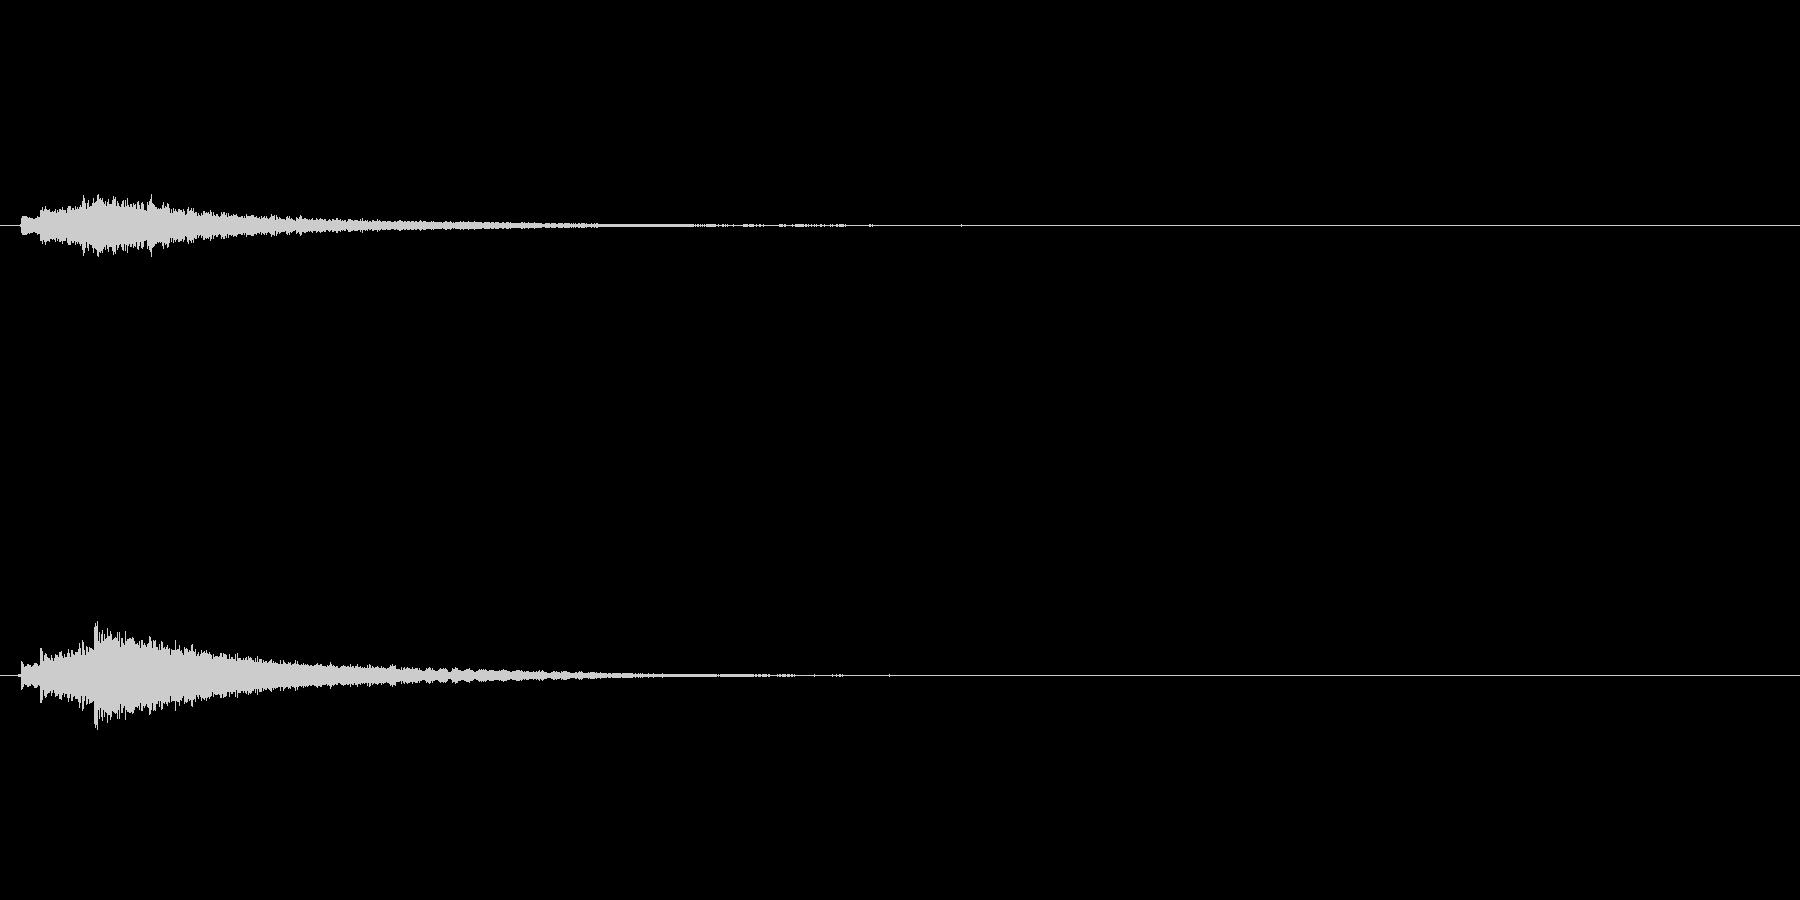 キラキラ系_044の未再生の波形